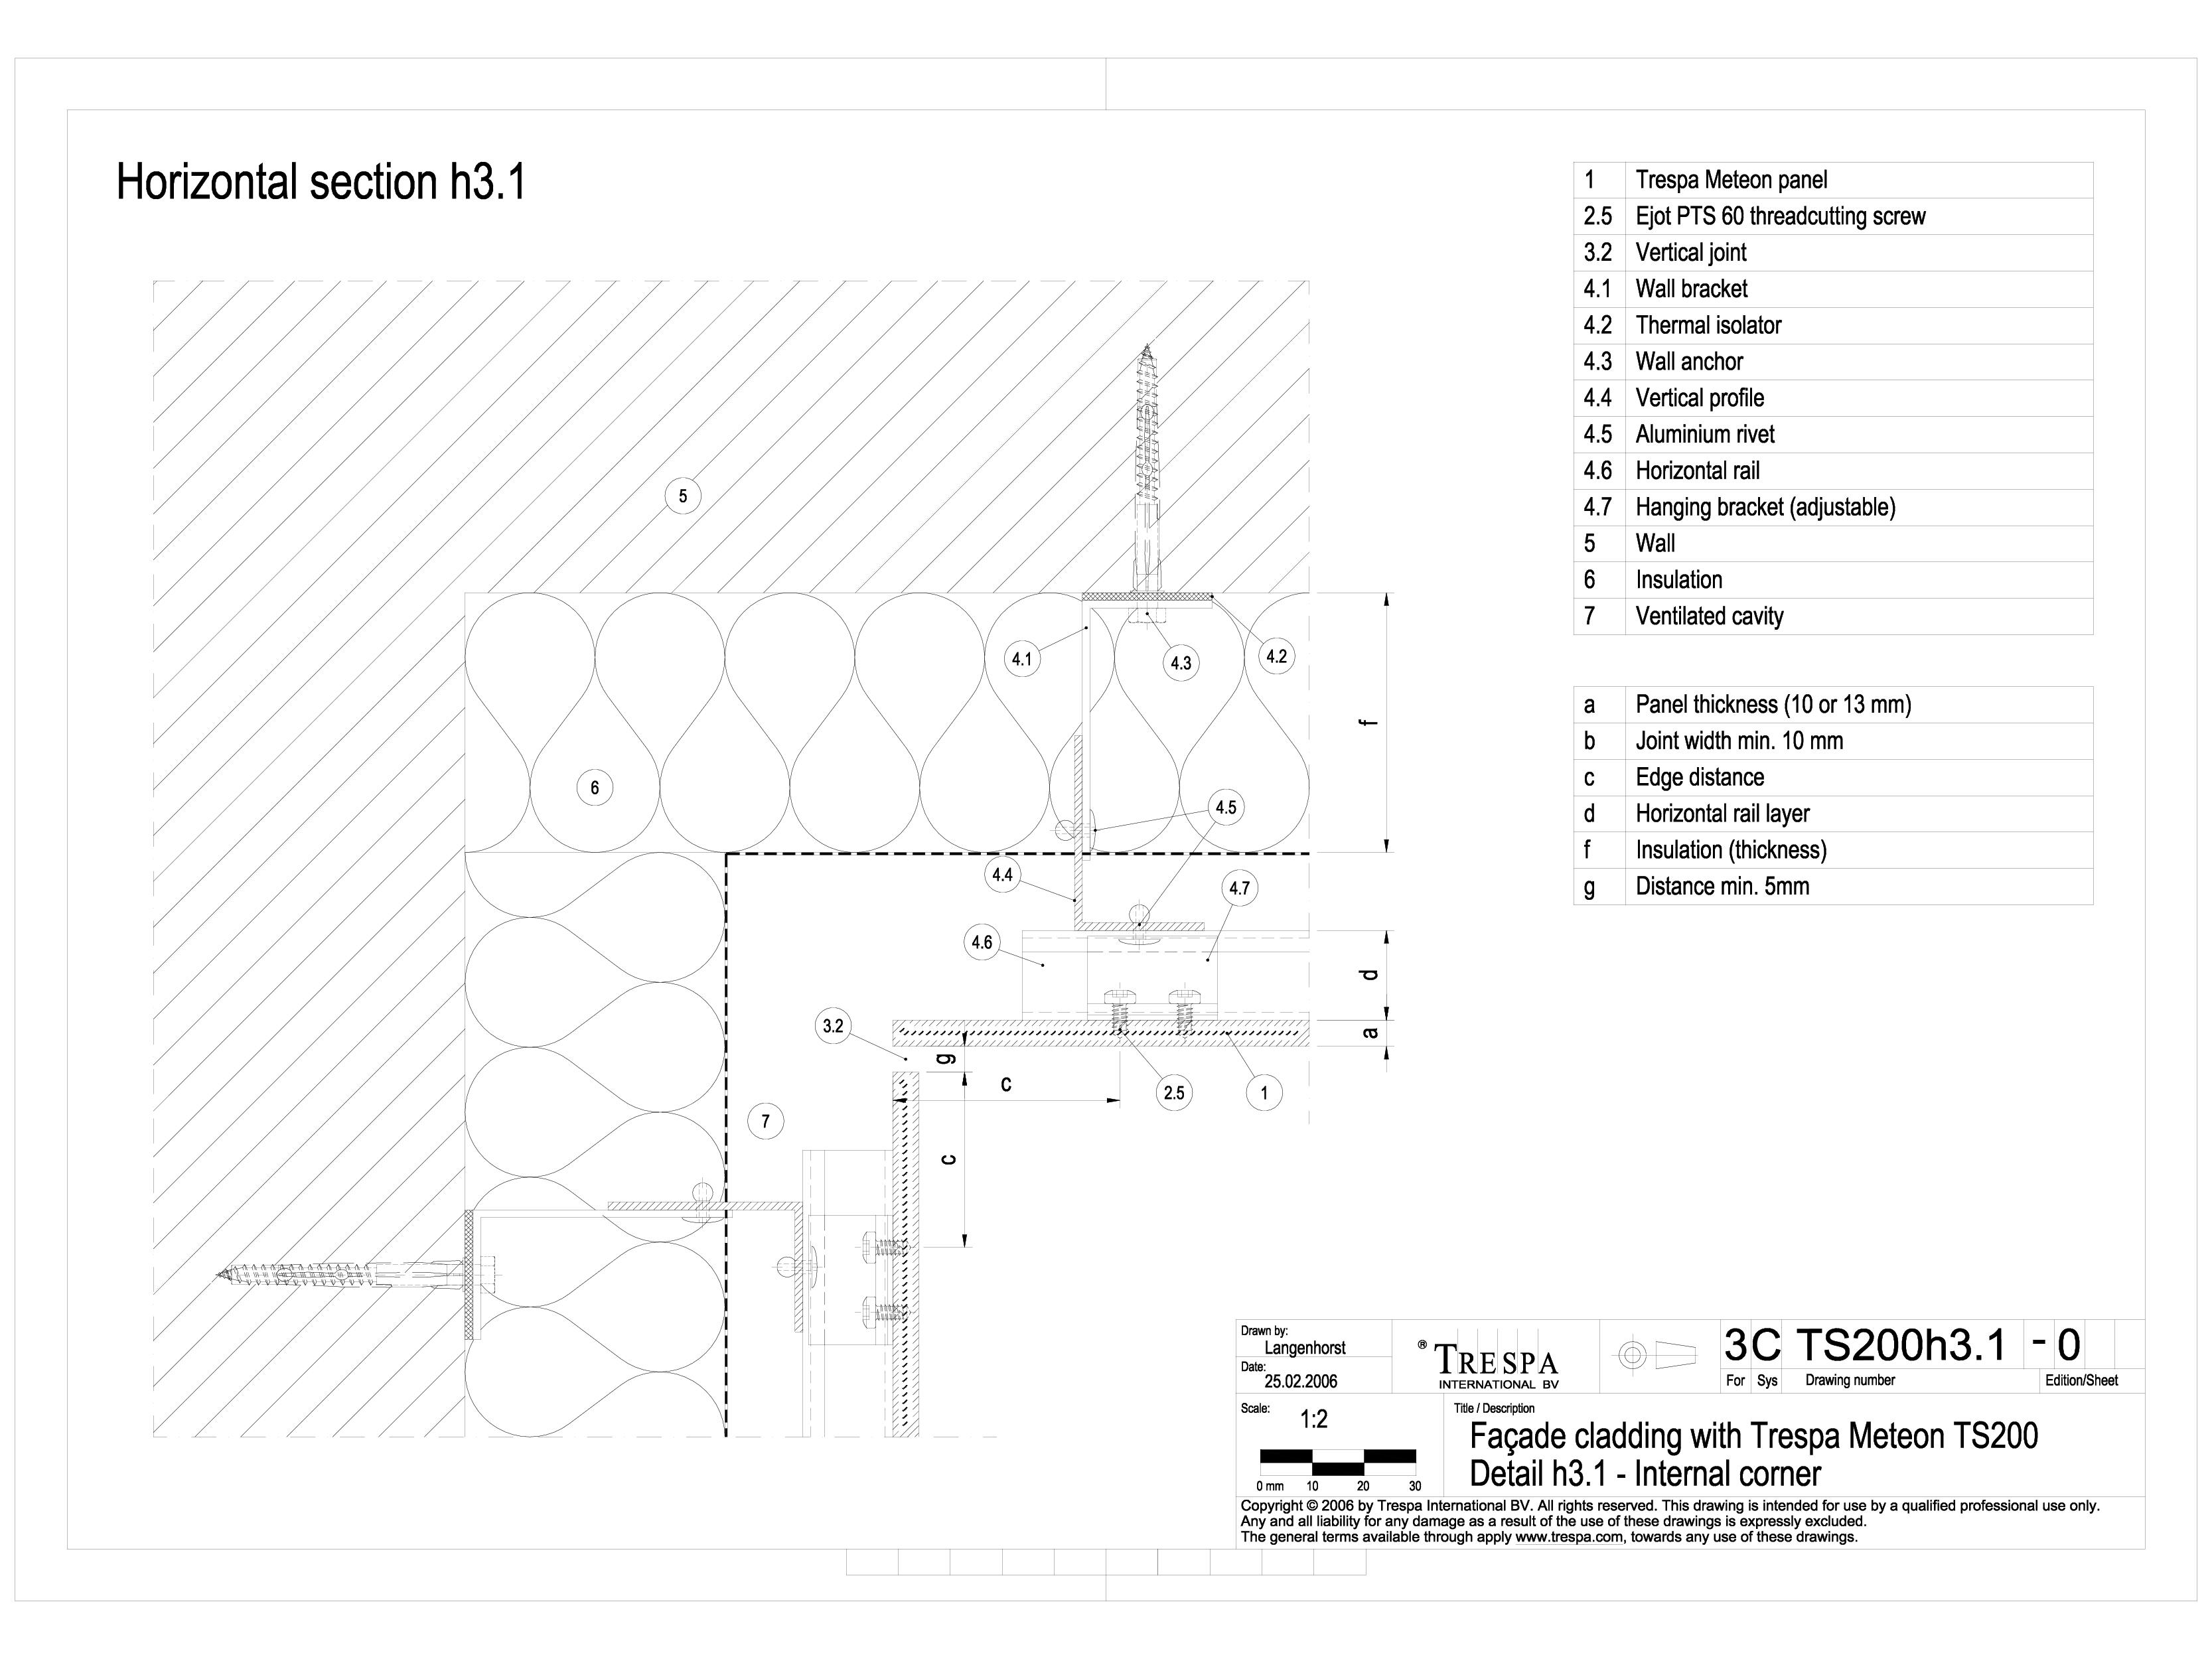 Sisteme de prindere fatade ventilate invizibile cu suruburi si insereturi, detaliu colt interior METEON TRESPA Placi HPL pentru fatade ventilate GIBB TECHNOLOGIES  - Pagina 1